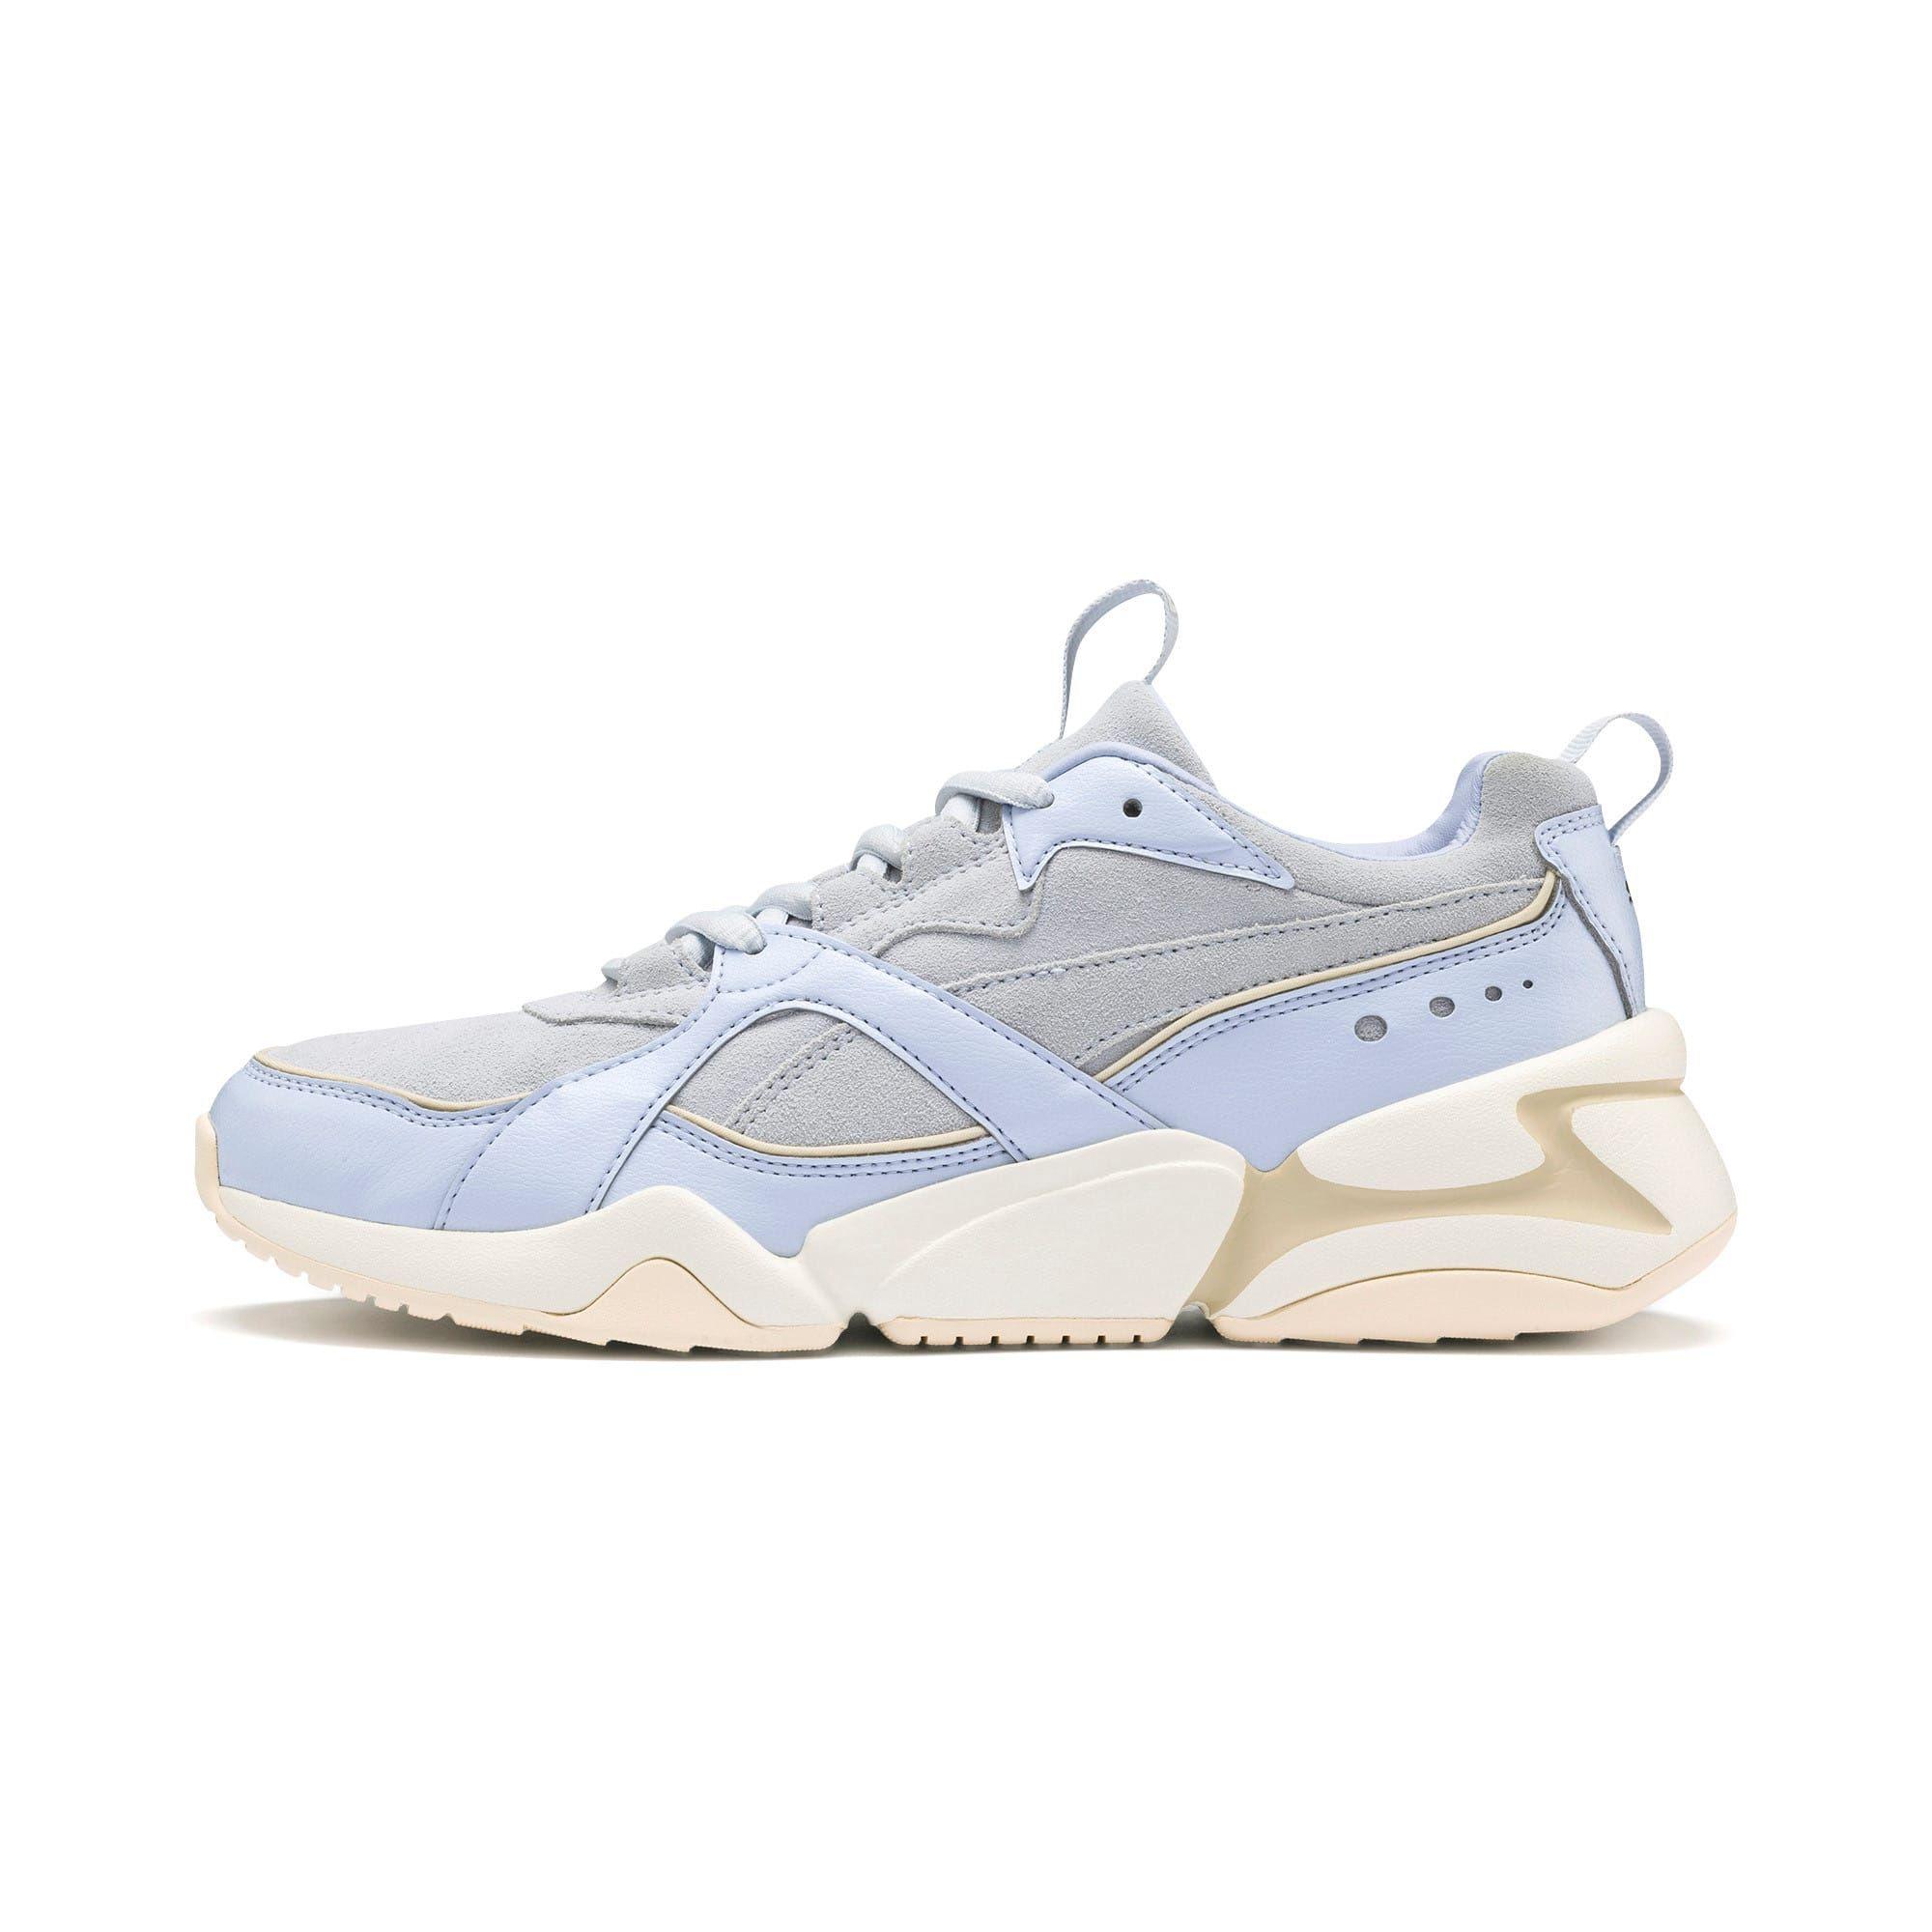 Nova 2 Suede Women's Trainers | White puma shoes, Pumas ...